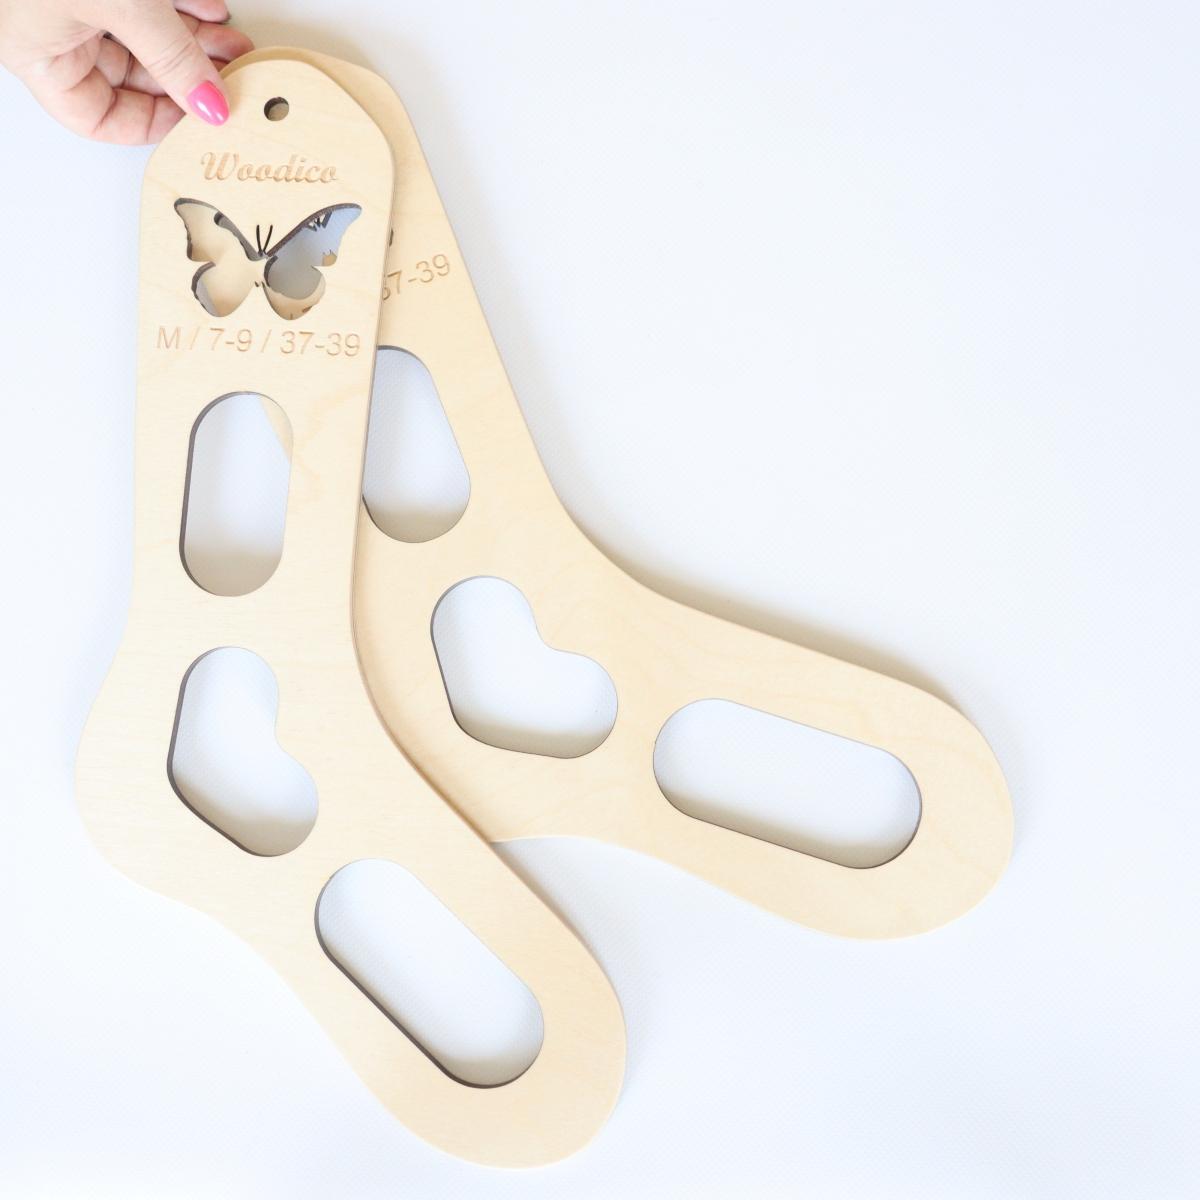 woodico.pro wooden sock blockers butterfly 9 1200x1200 - Wooden sock blockers / Butterfly